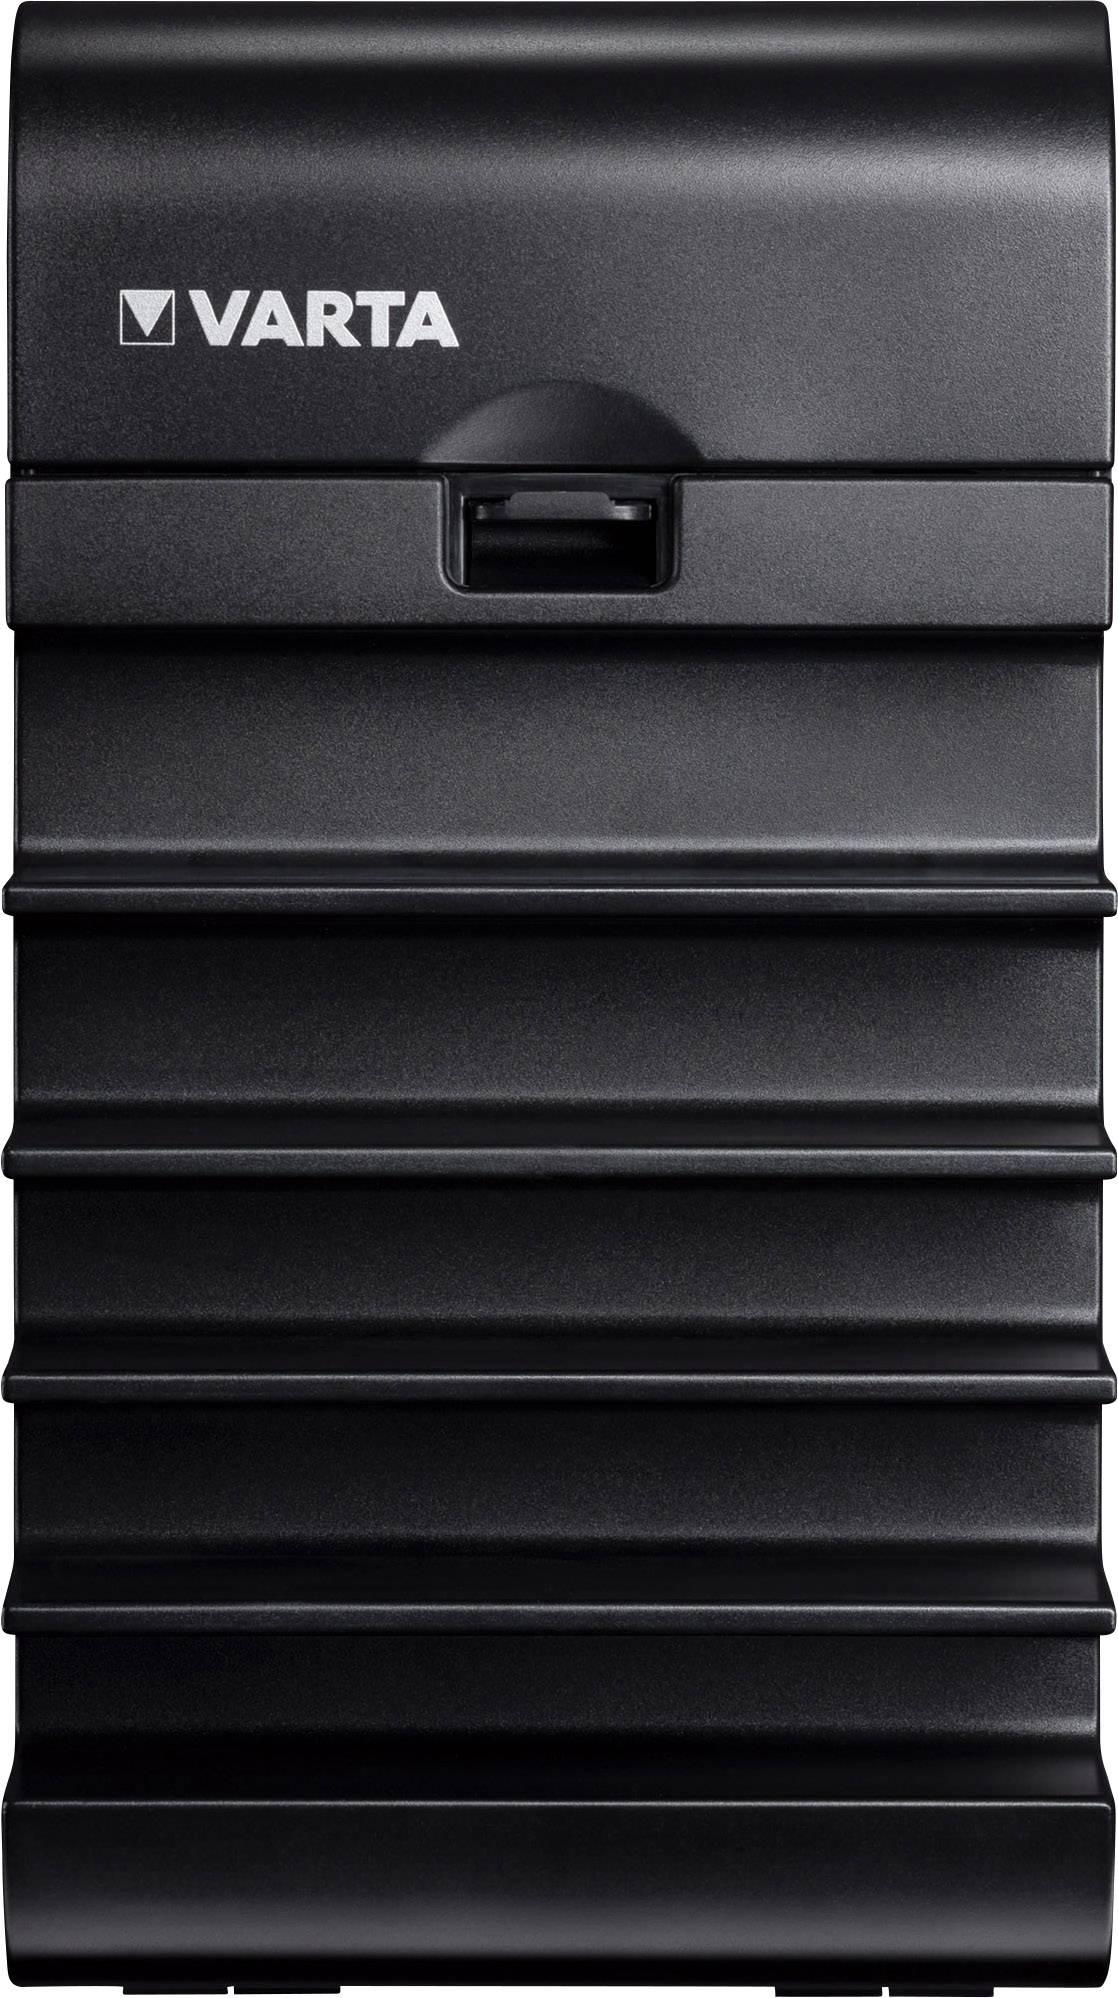 USB nabíjacia stanica Varta 57901101111, 9800 mA, čierna